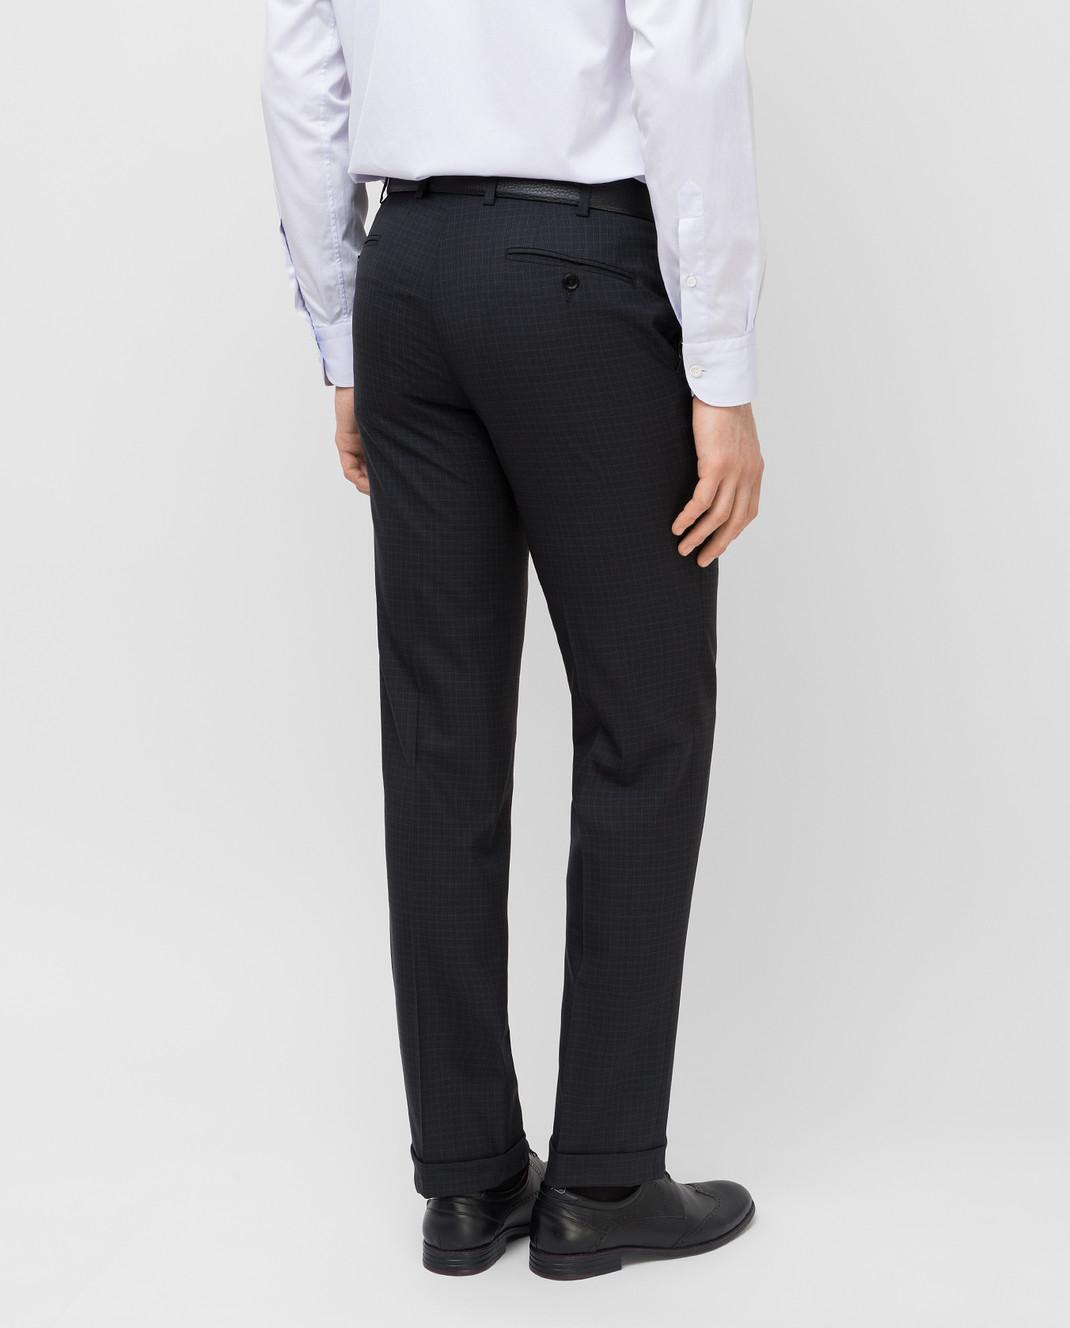 Brioni Темно-серые брюки из шерсти RPL80LP5A71 изображение 4